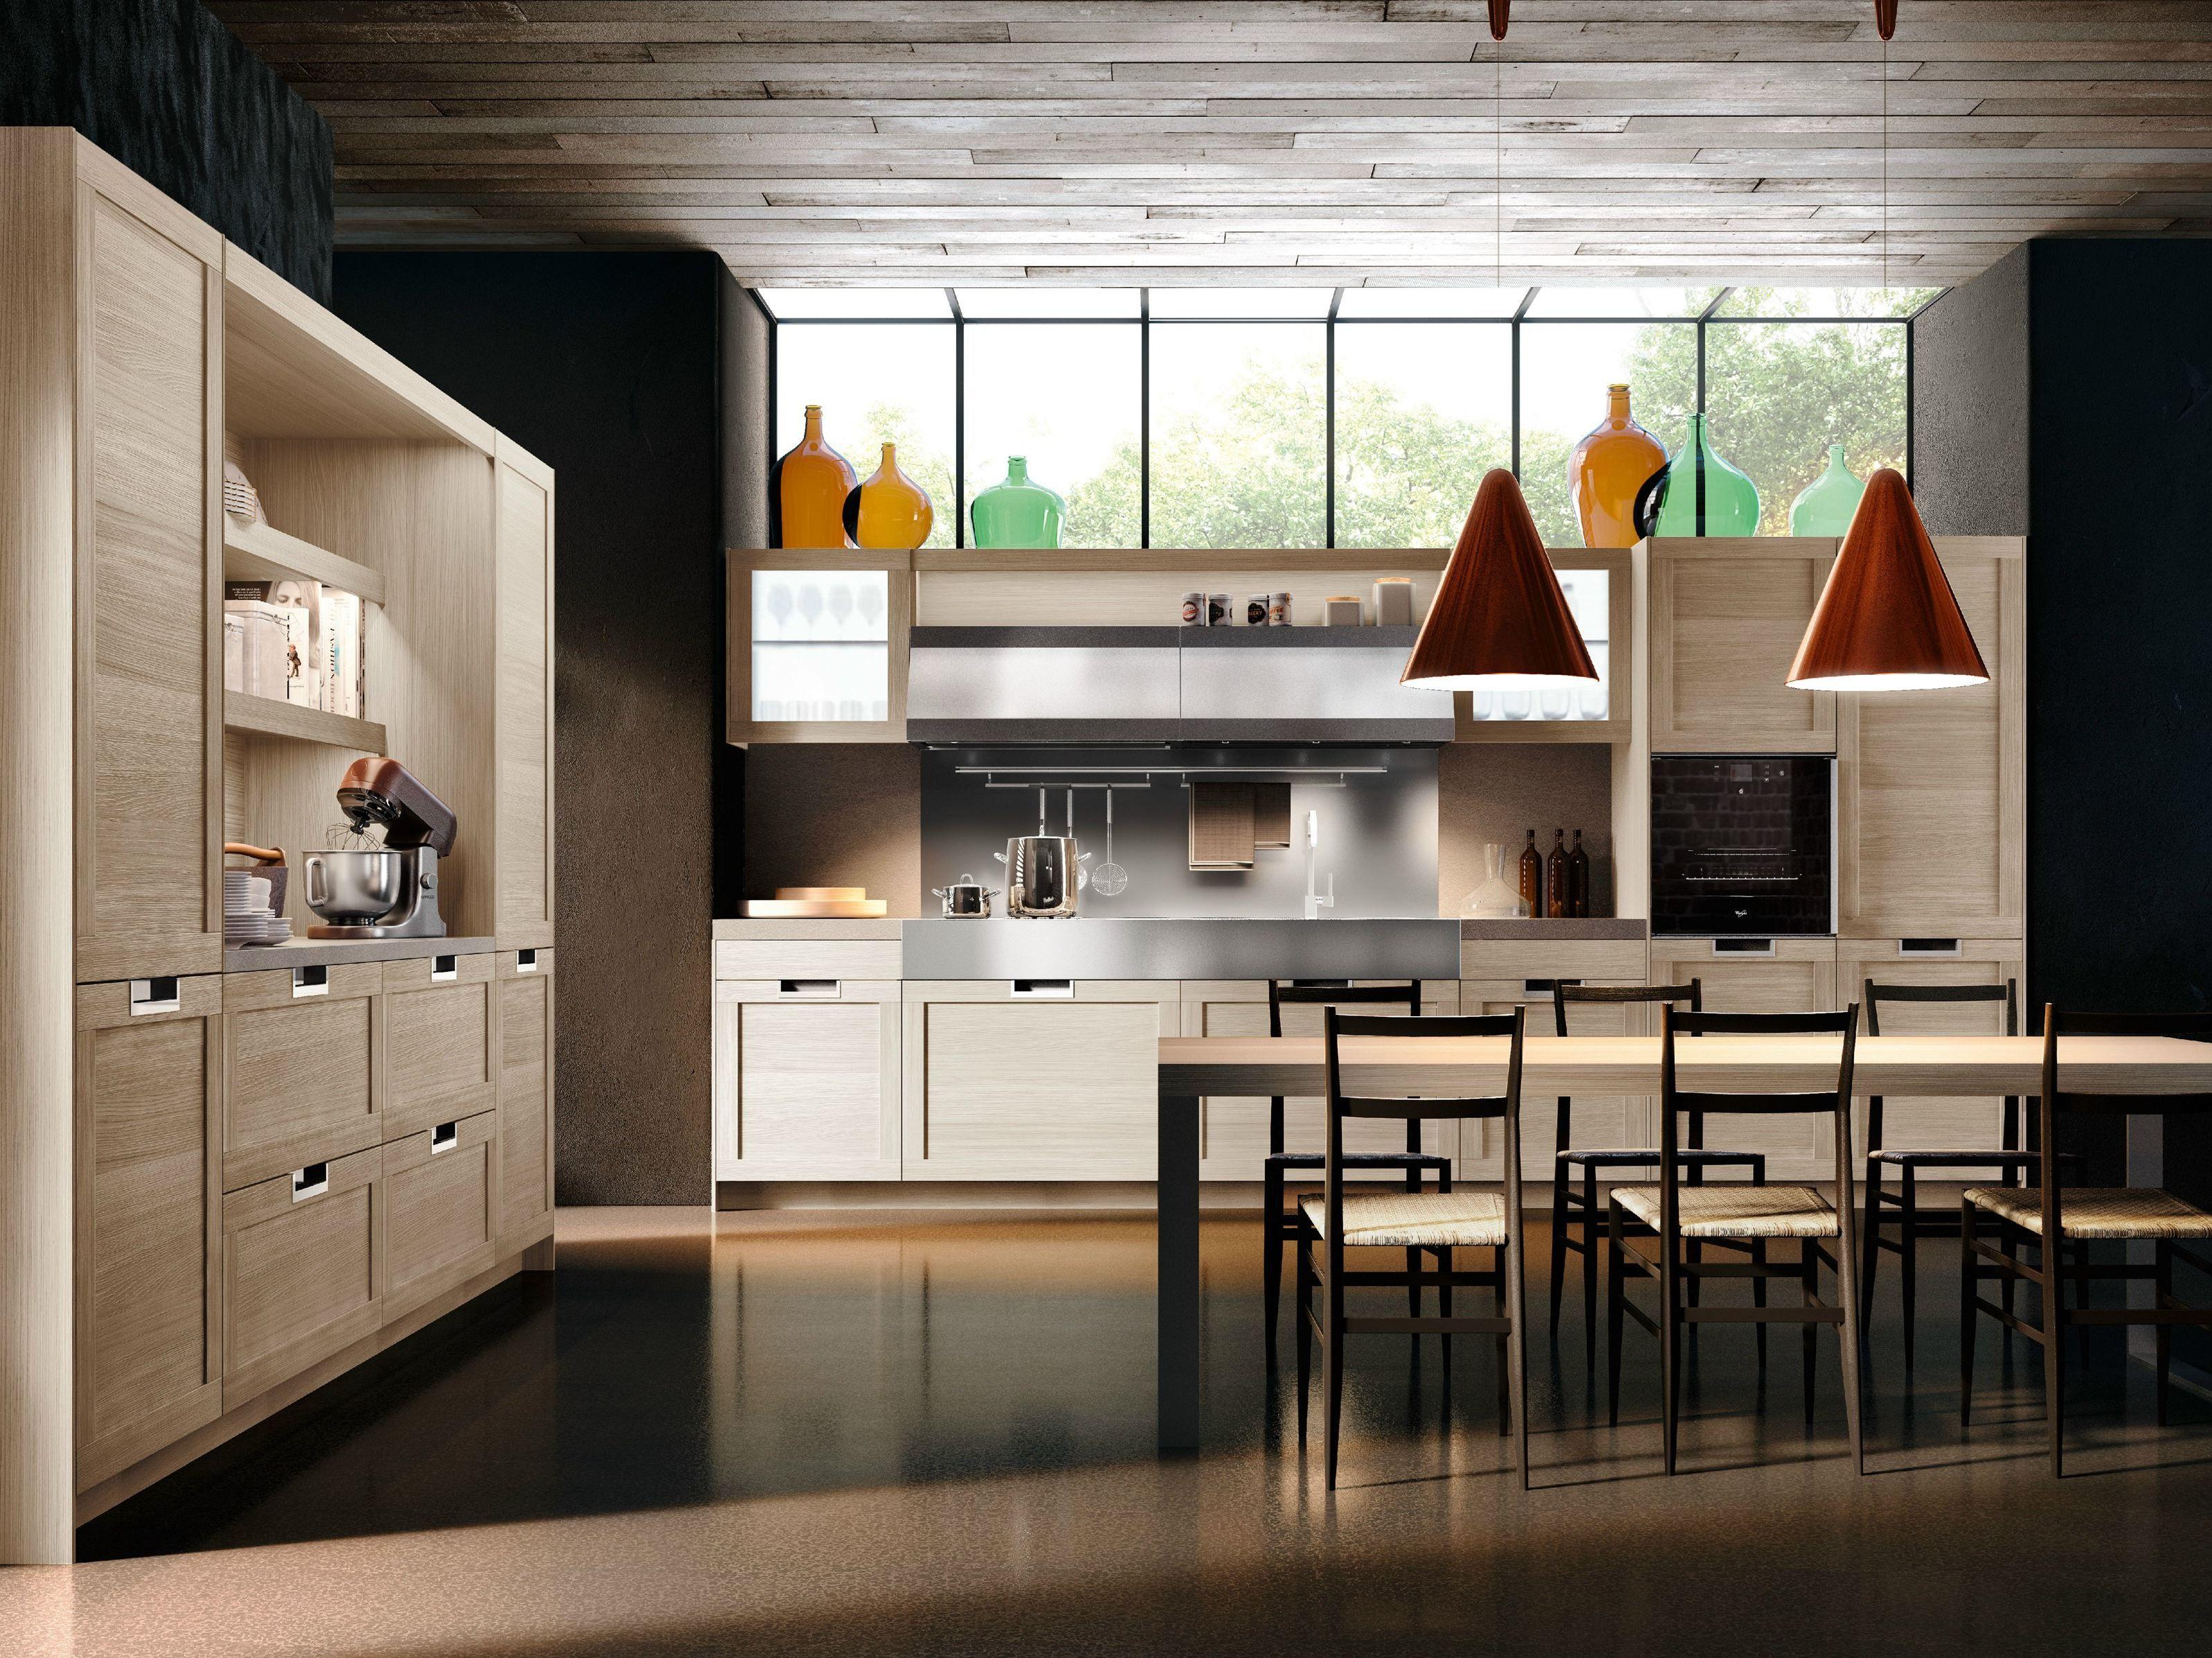 Lux classic cucina lineare collezione sistema by snaidero design pietro arosio - Mobili snaidero majano ...